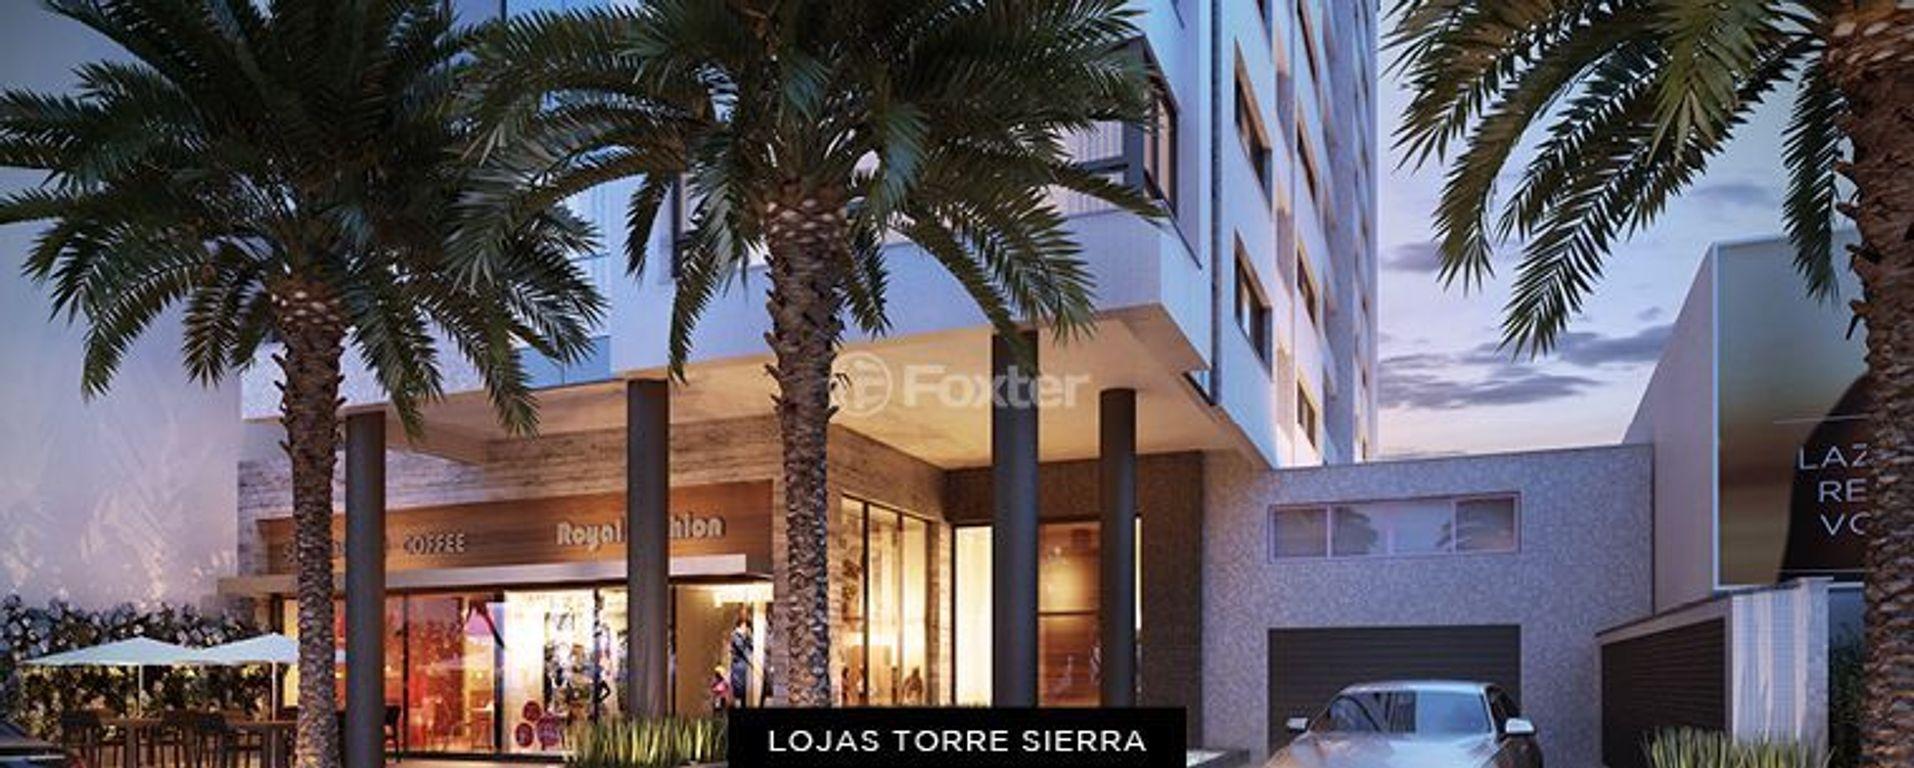 Foxter Imobiliária - Apto 2 Dorm, Centro, Torres - Foto 2